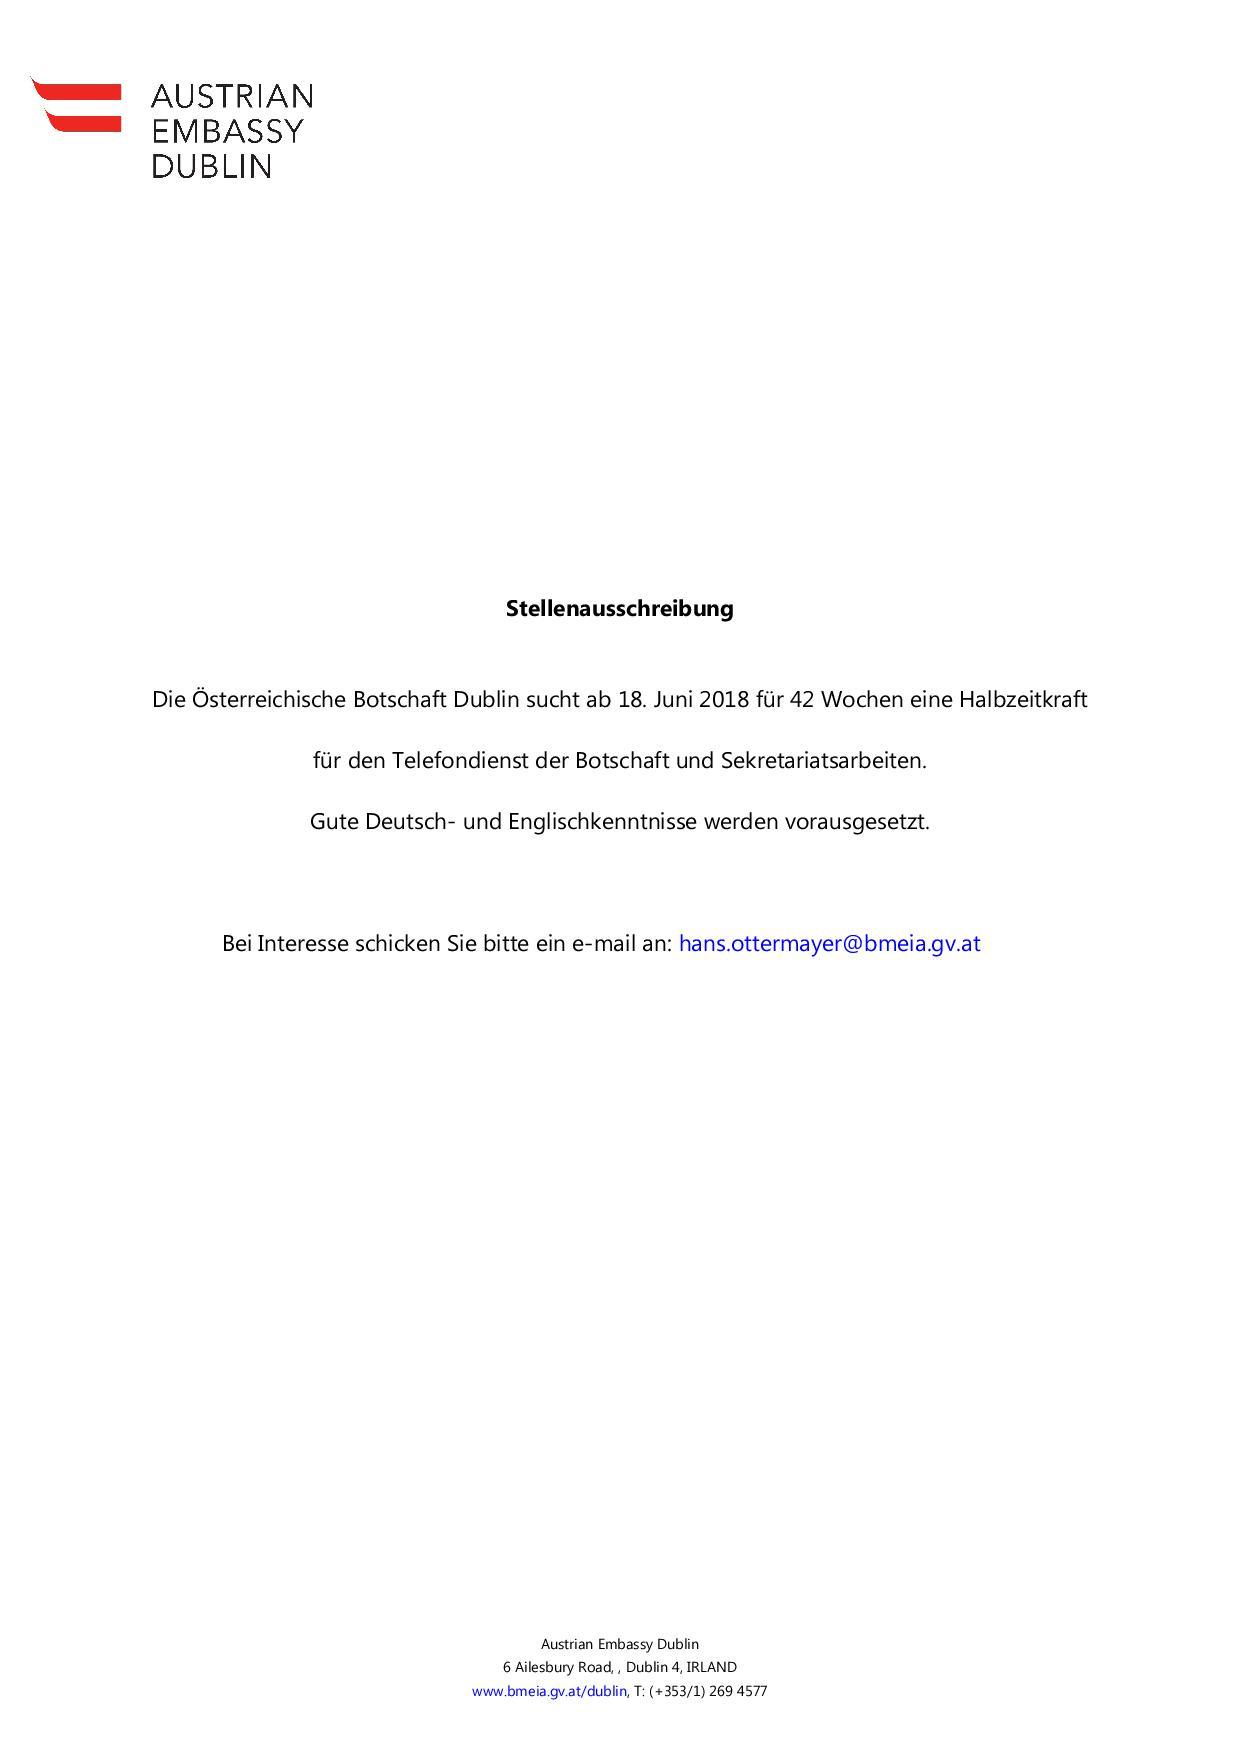 Niedlich Eintrag Elektrotechnik Lebenslauf Galerie - FORTSETZUNG ...